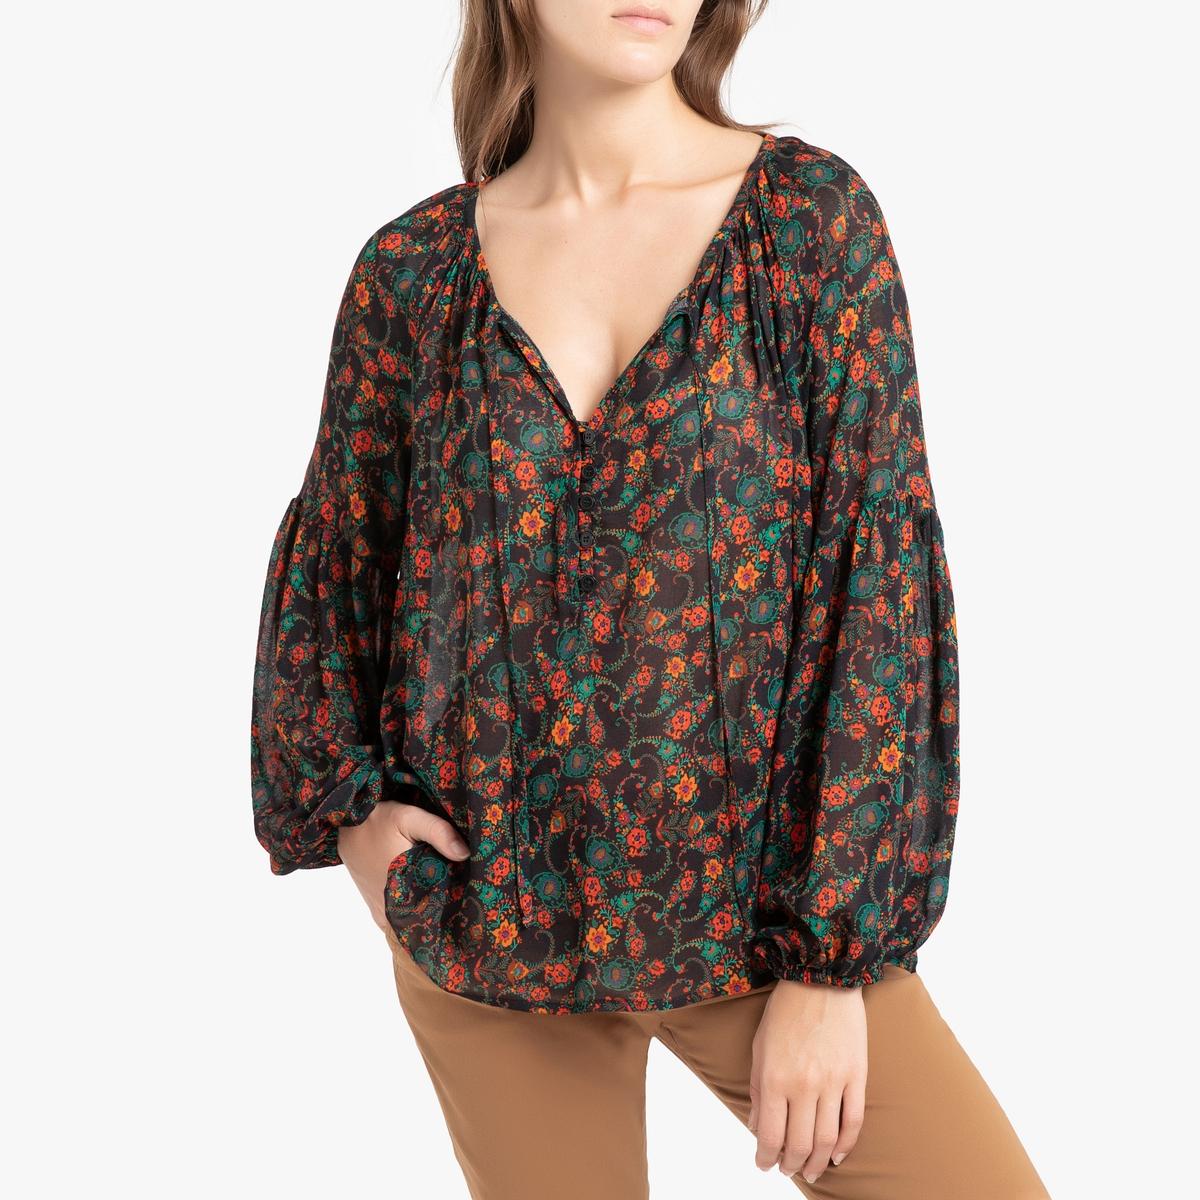 Блуза La Redoute С длинными рукавами 36 (FR) - 42 (RUS) разноцветный блузка la redoute в клетку с украшениями на вырезе 36 fr 42 rus синий